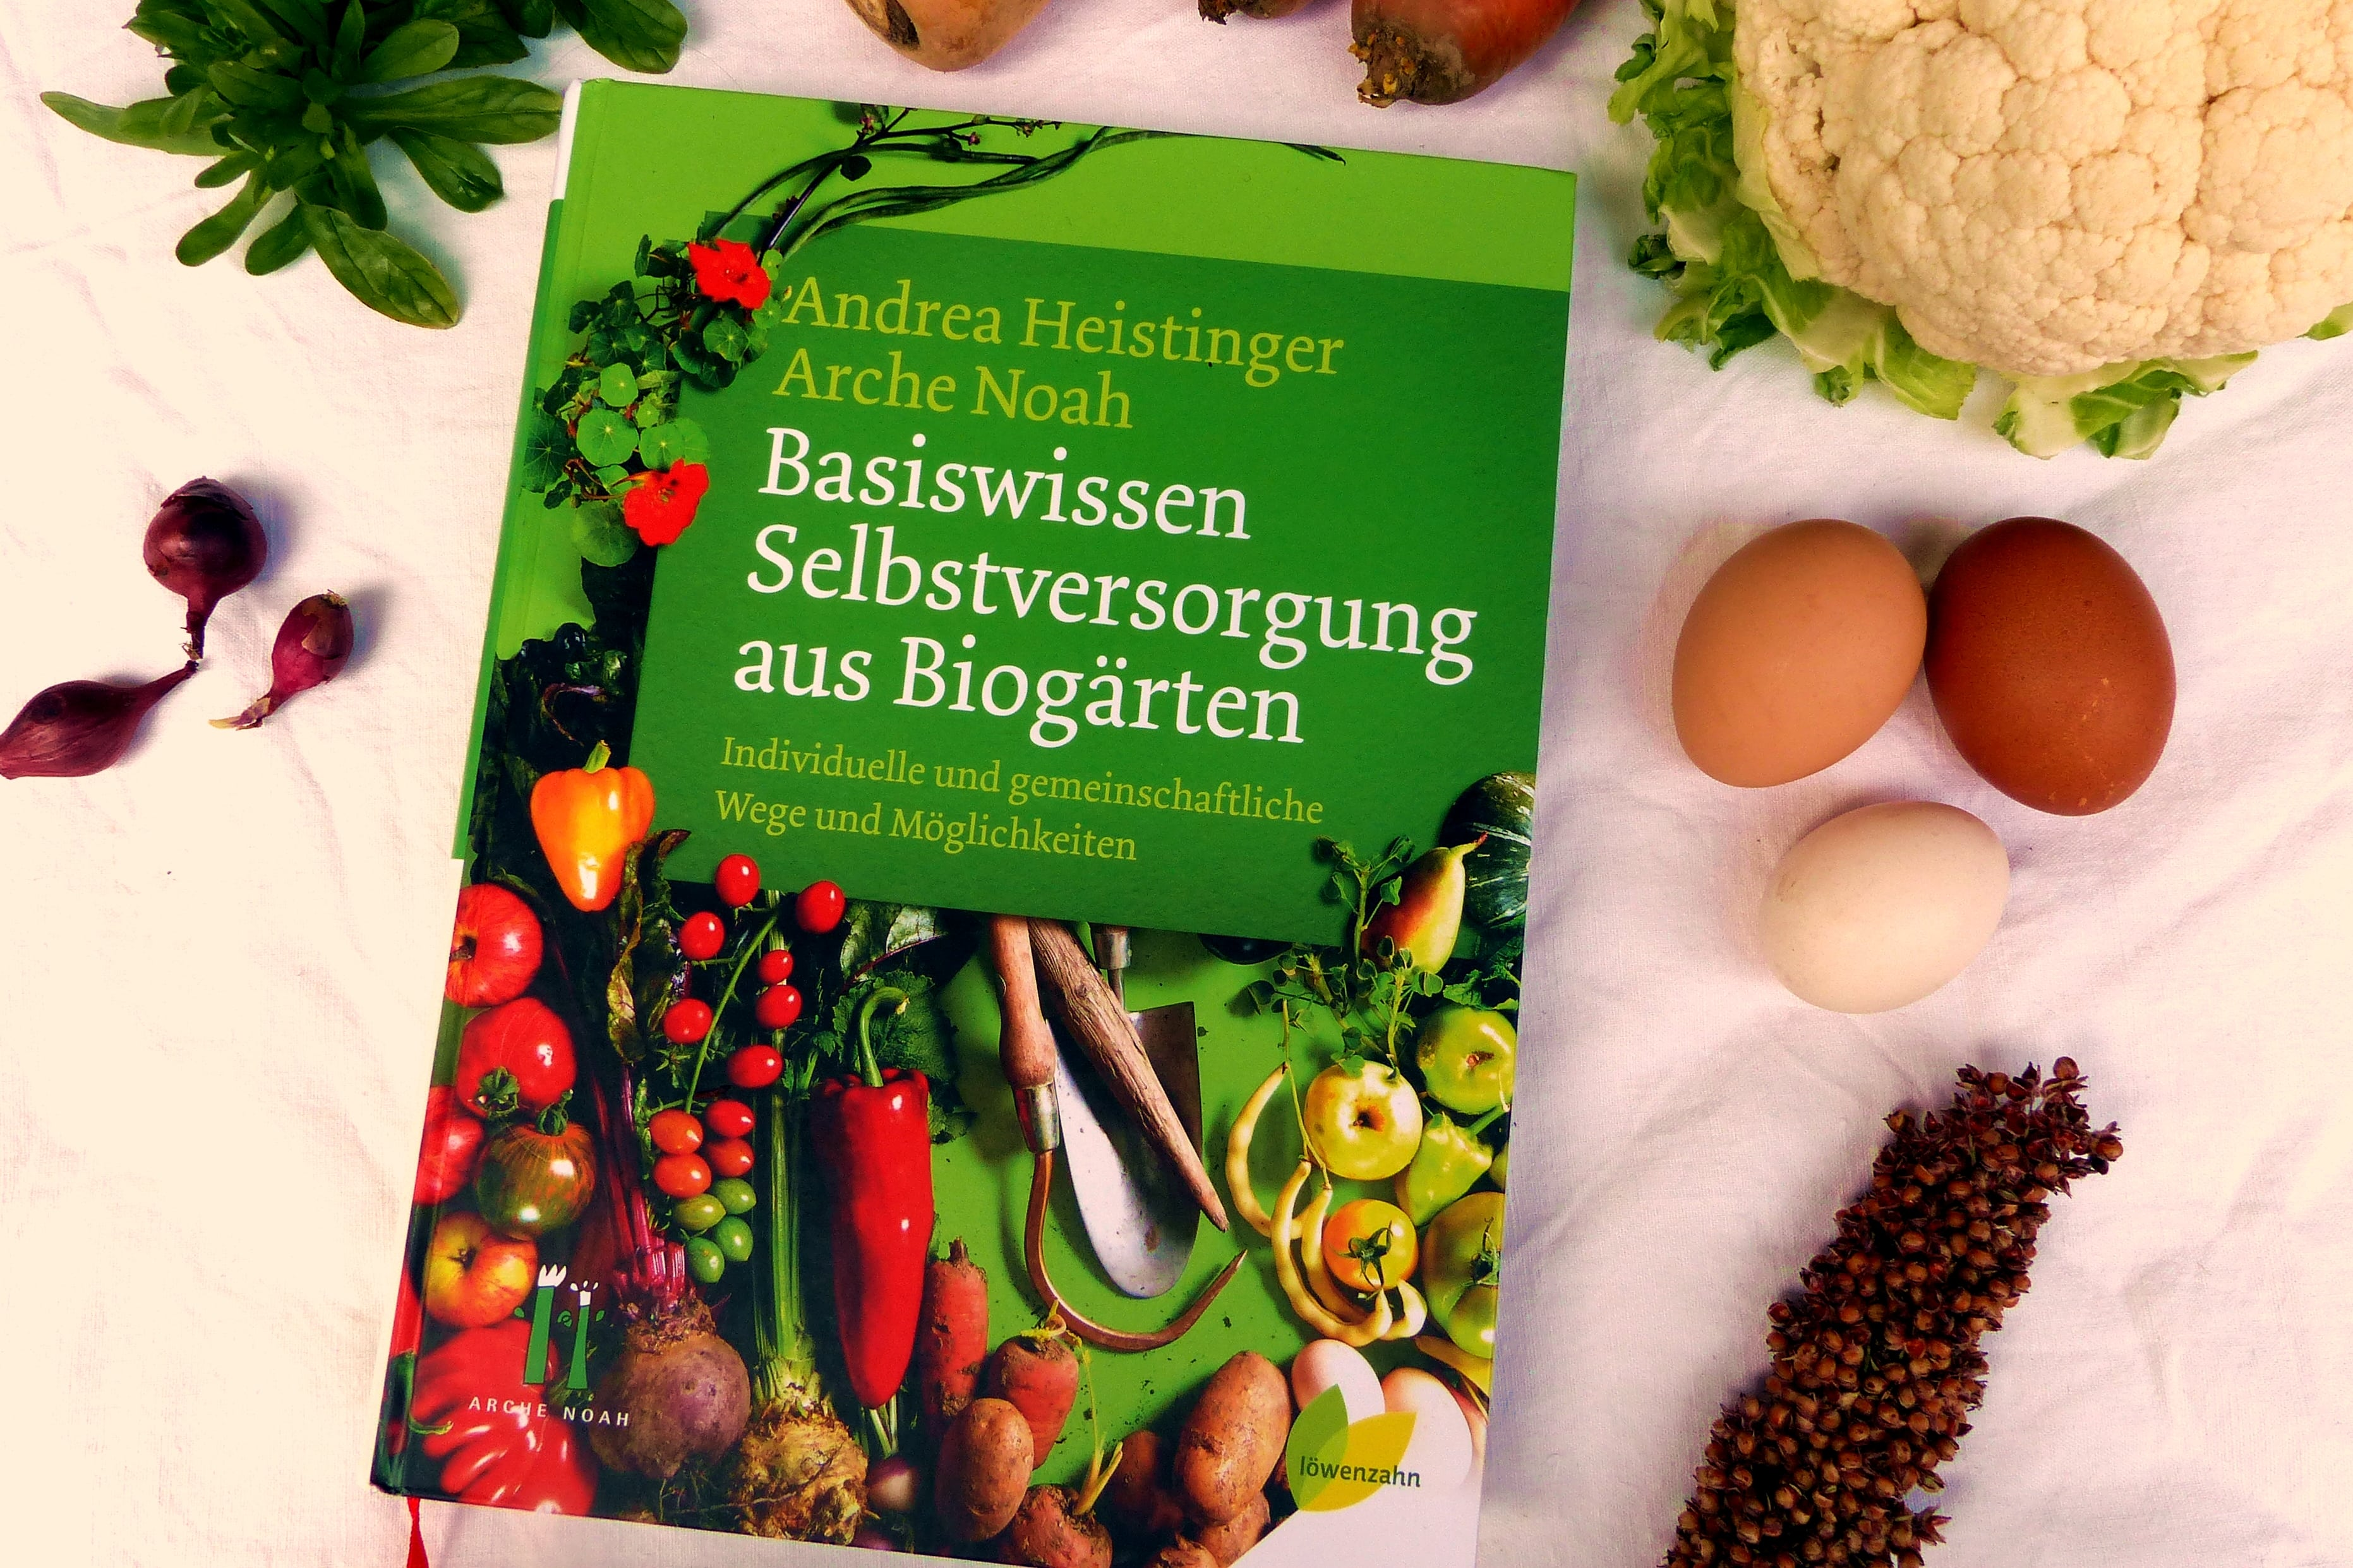 Geschenkidee Gärtner Buch